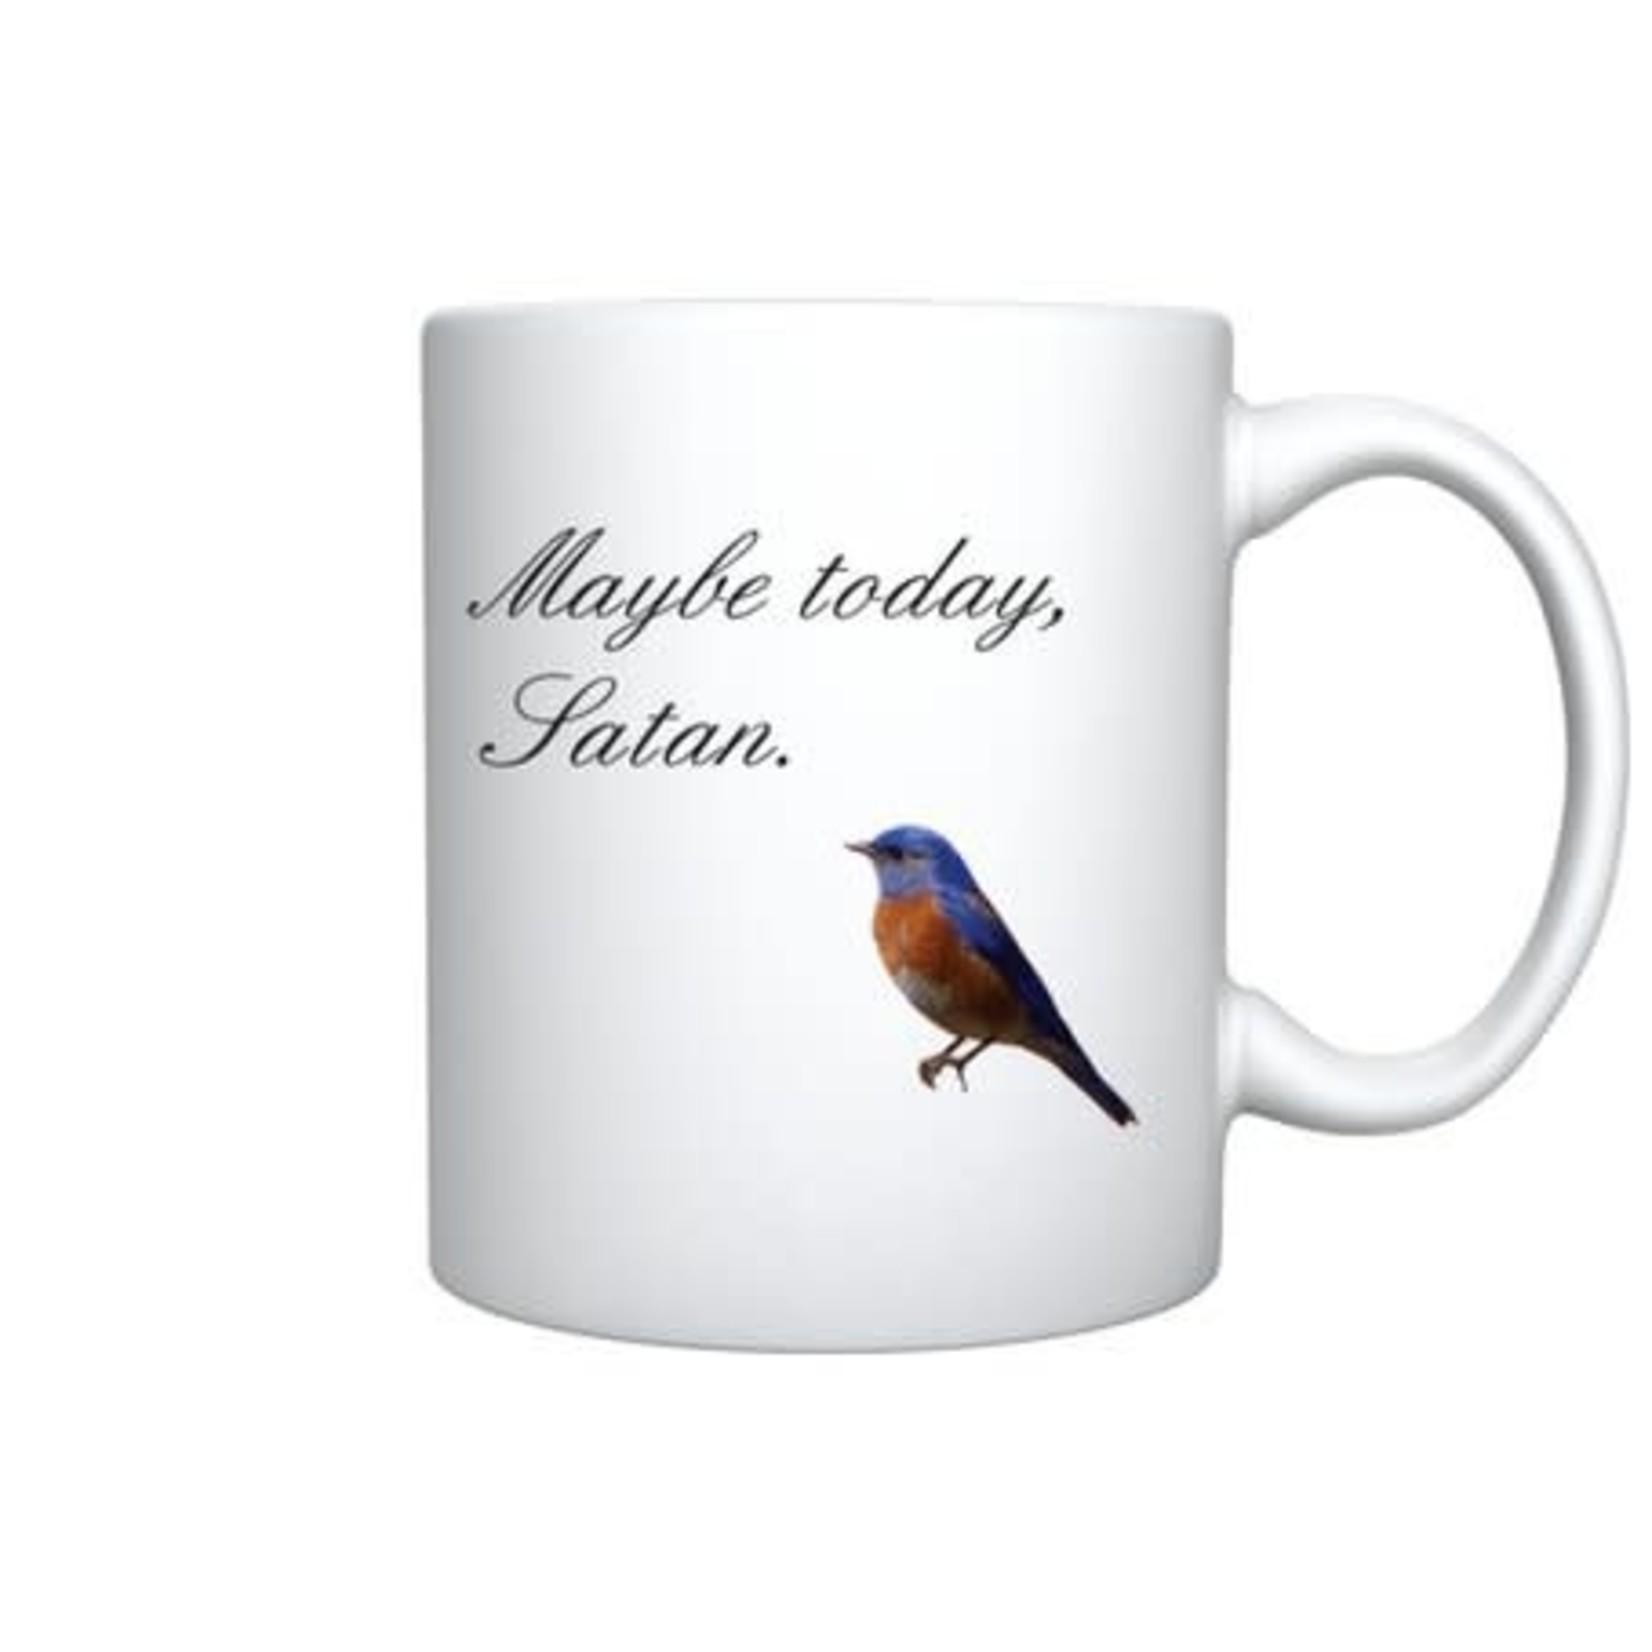 Bad Annie's Mug - Maybe Today Satan / Good Morning Asshat